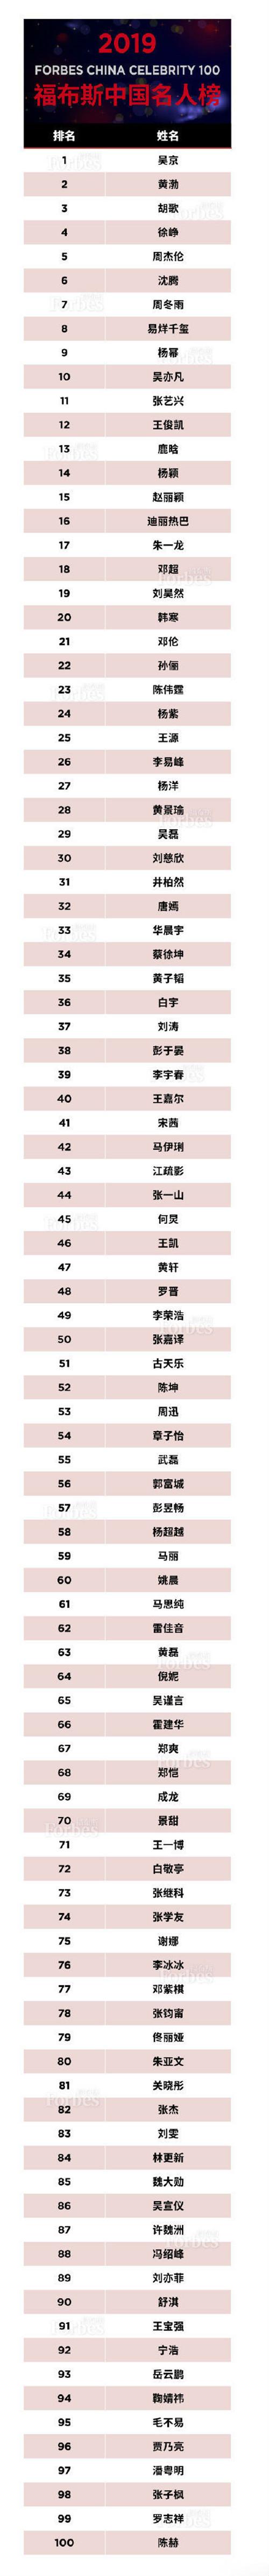 福布斯2019中国名人榜名单 福布斯中国名人榜排名第一是谁